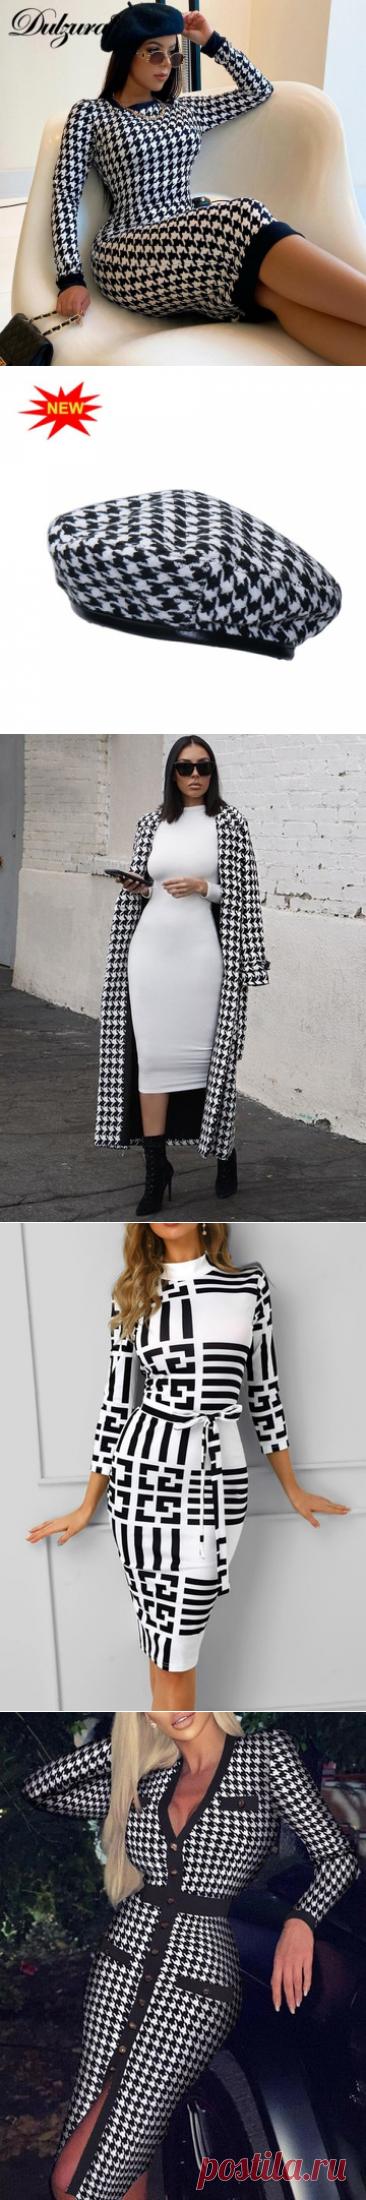 Женское платье миди с принтом «гусиные лапки» Dulzura, облегающее платье с длинным рукавом, Осень зима 2020|Платья| | АлиЭкспресс